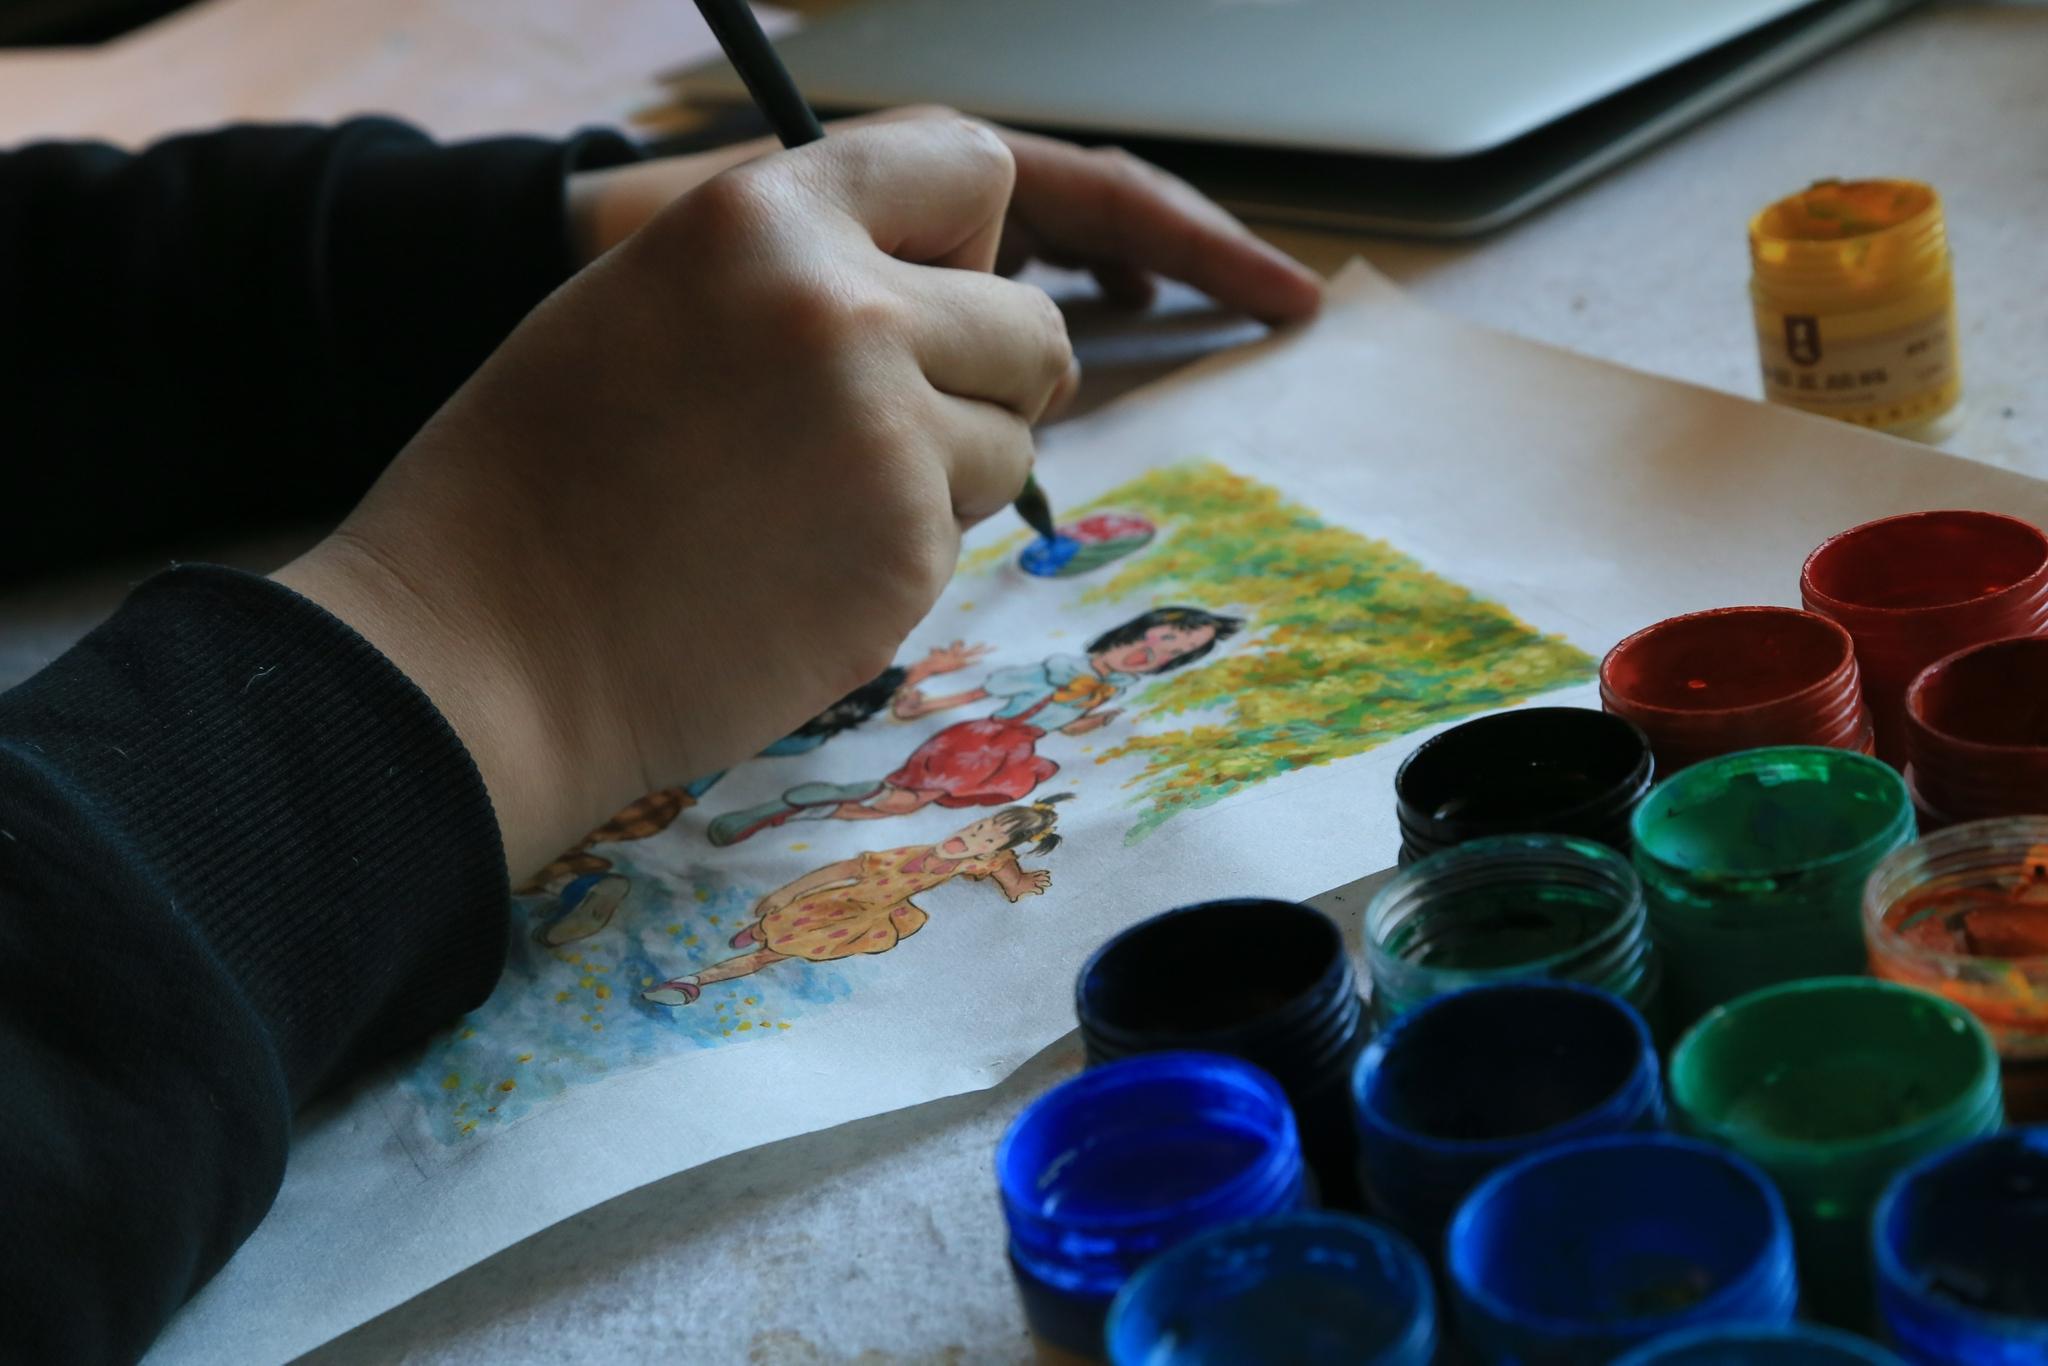 景绍宗绘制《儿童游戏》系列邮票。受访者供图